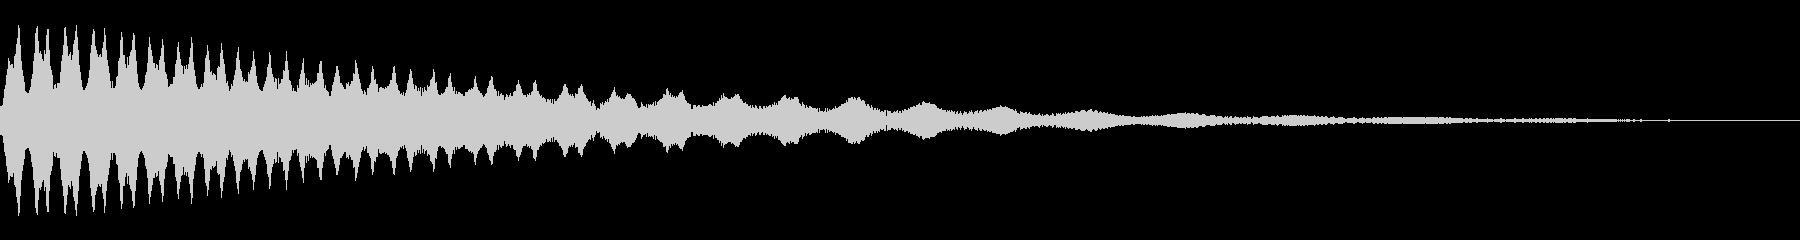 ピュルルルル↓_UFOが失速、墜落する音の未再生の波形